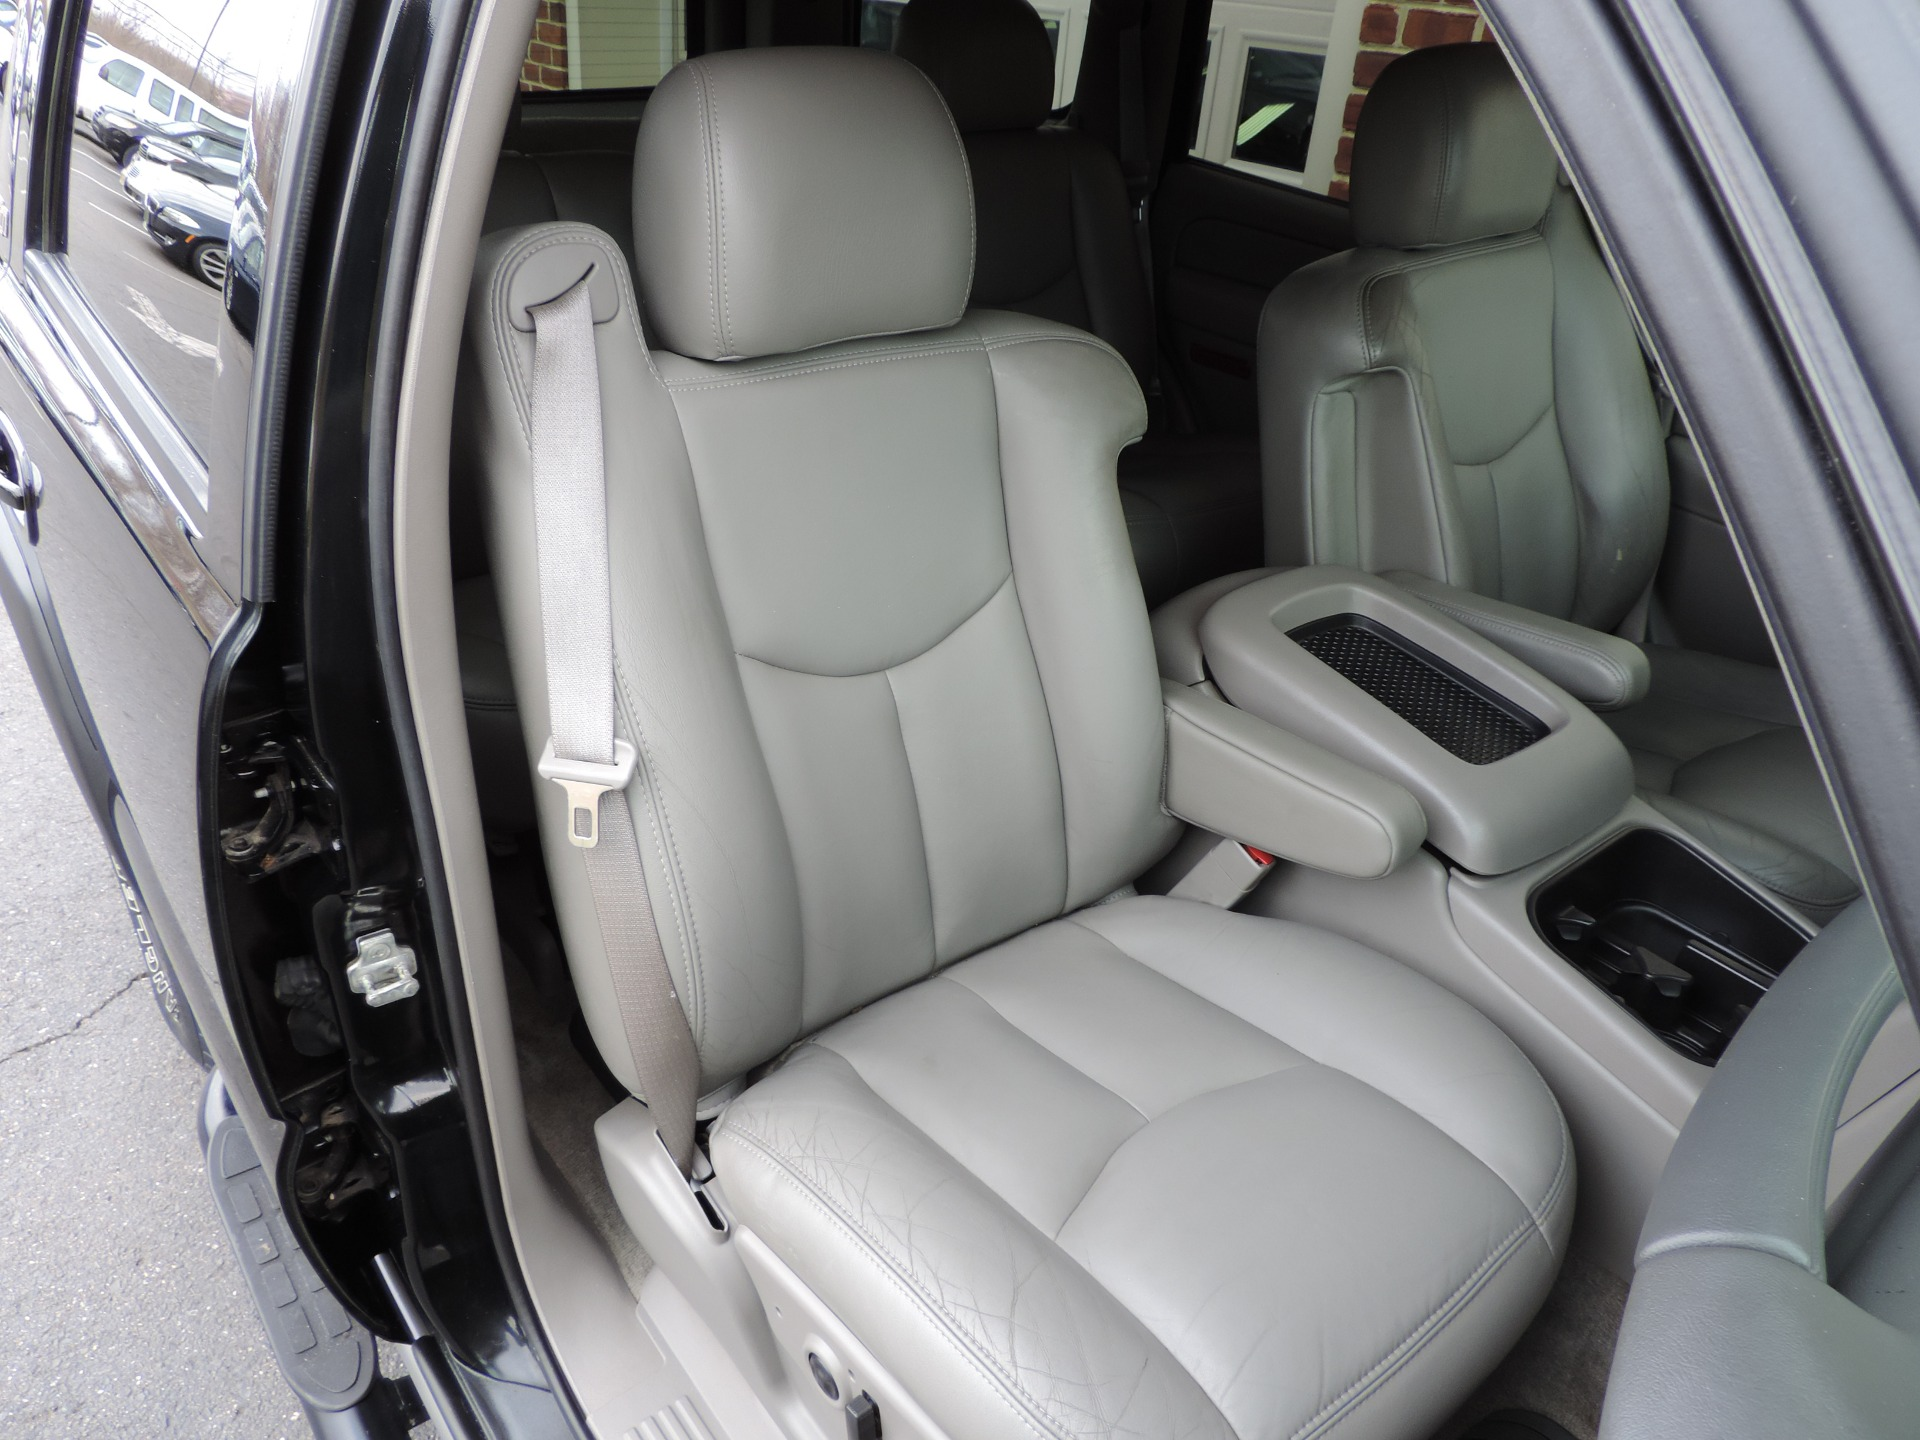 2004 tahoe seat memory